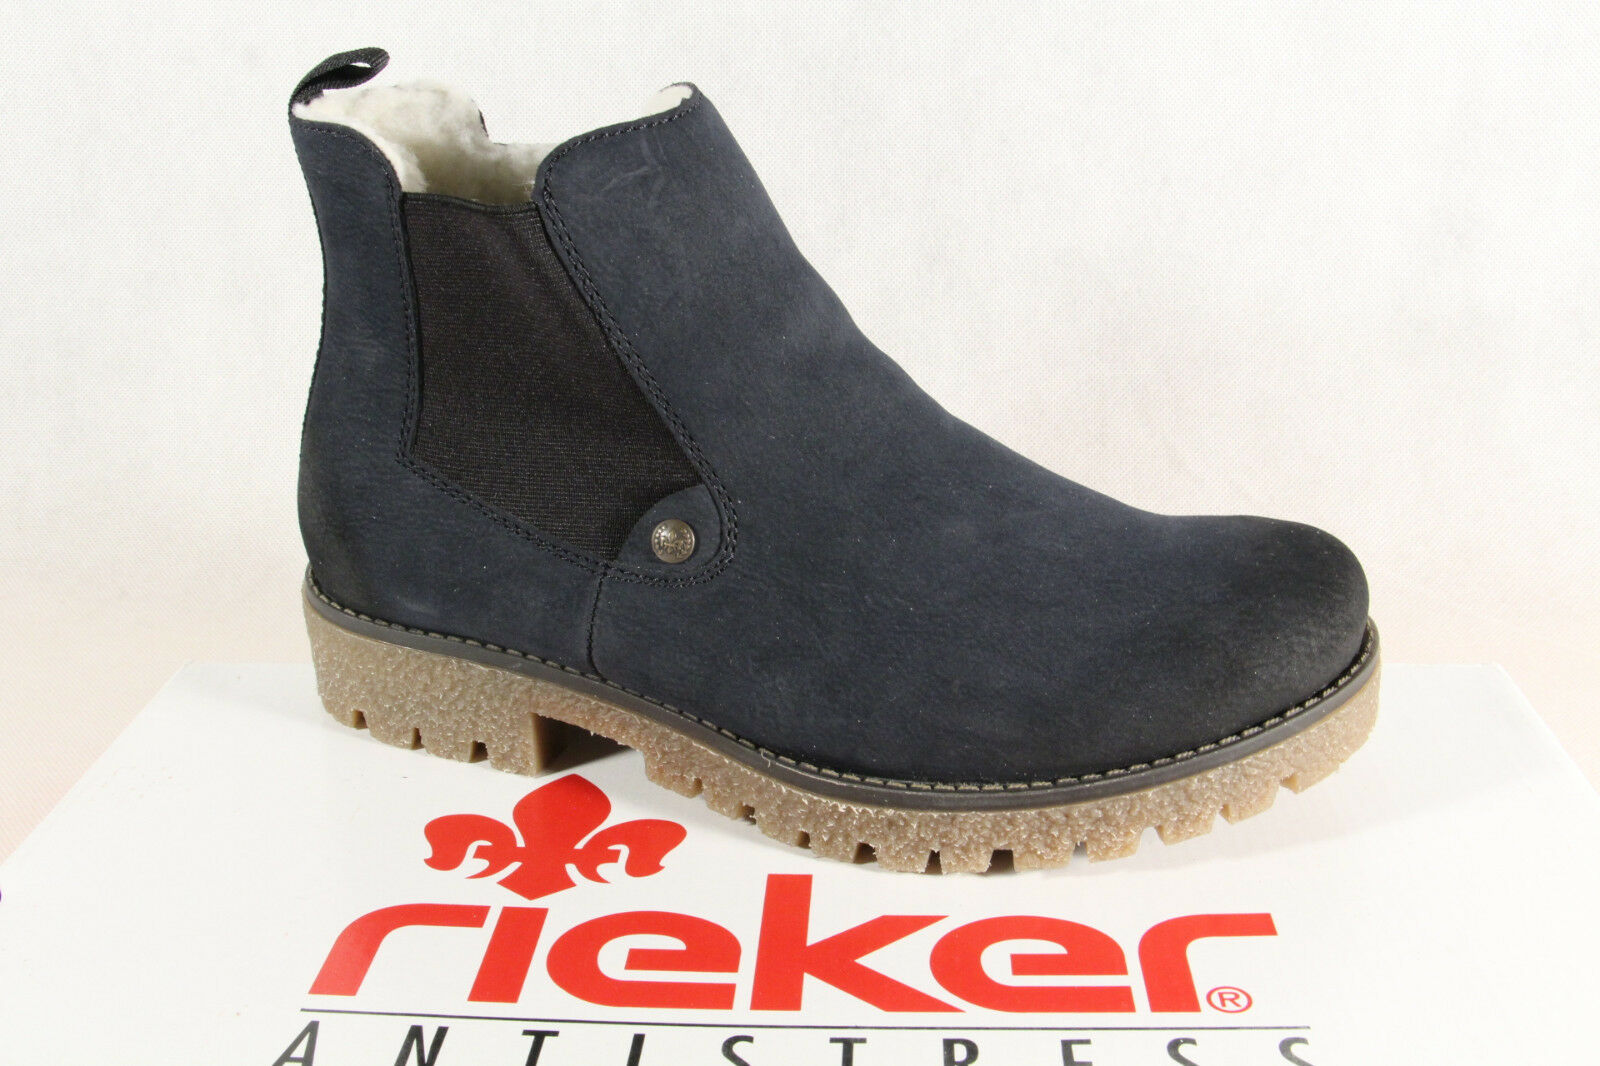 Rieker bota botas botín, azul botas de invierno 79884 azul botín, nuevo 5c56e3